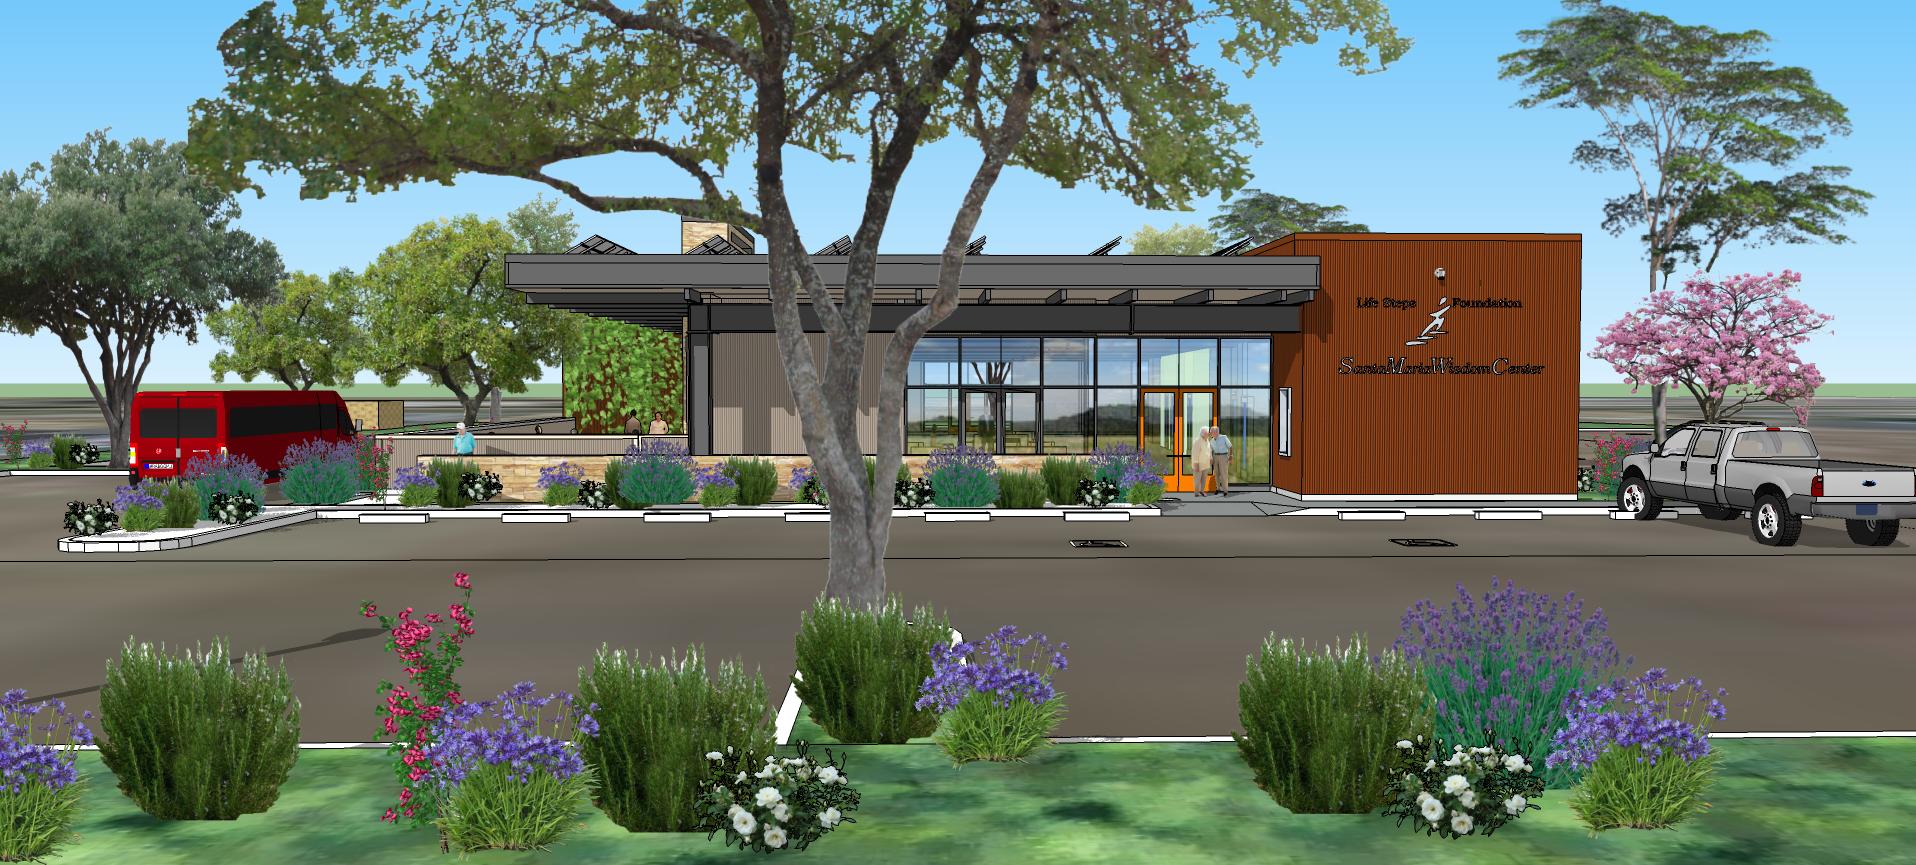 New Santa Maria Wisdom Center